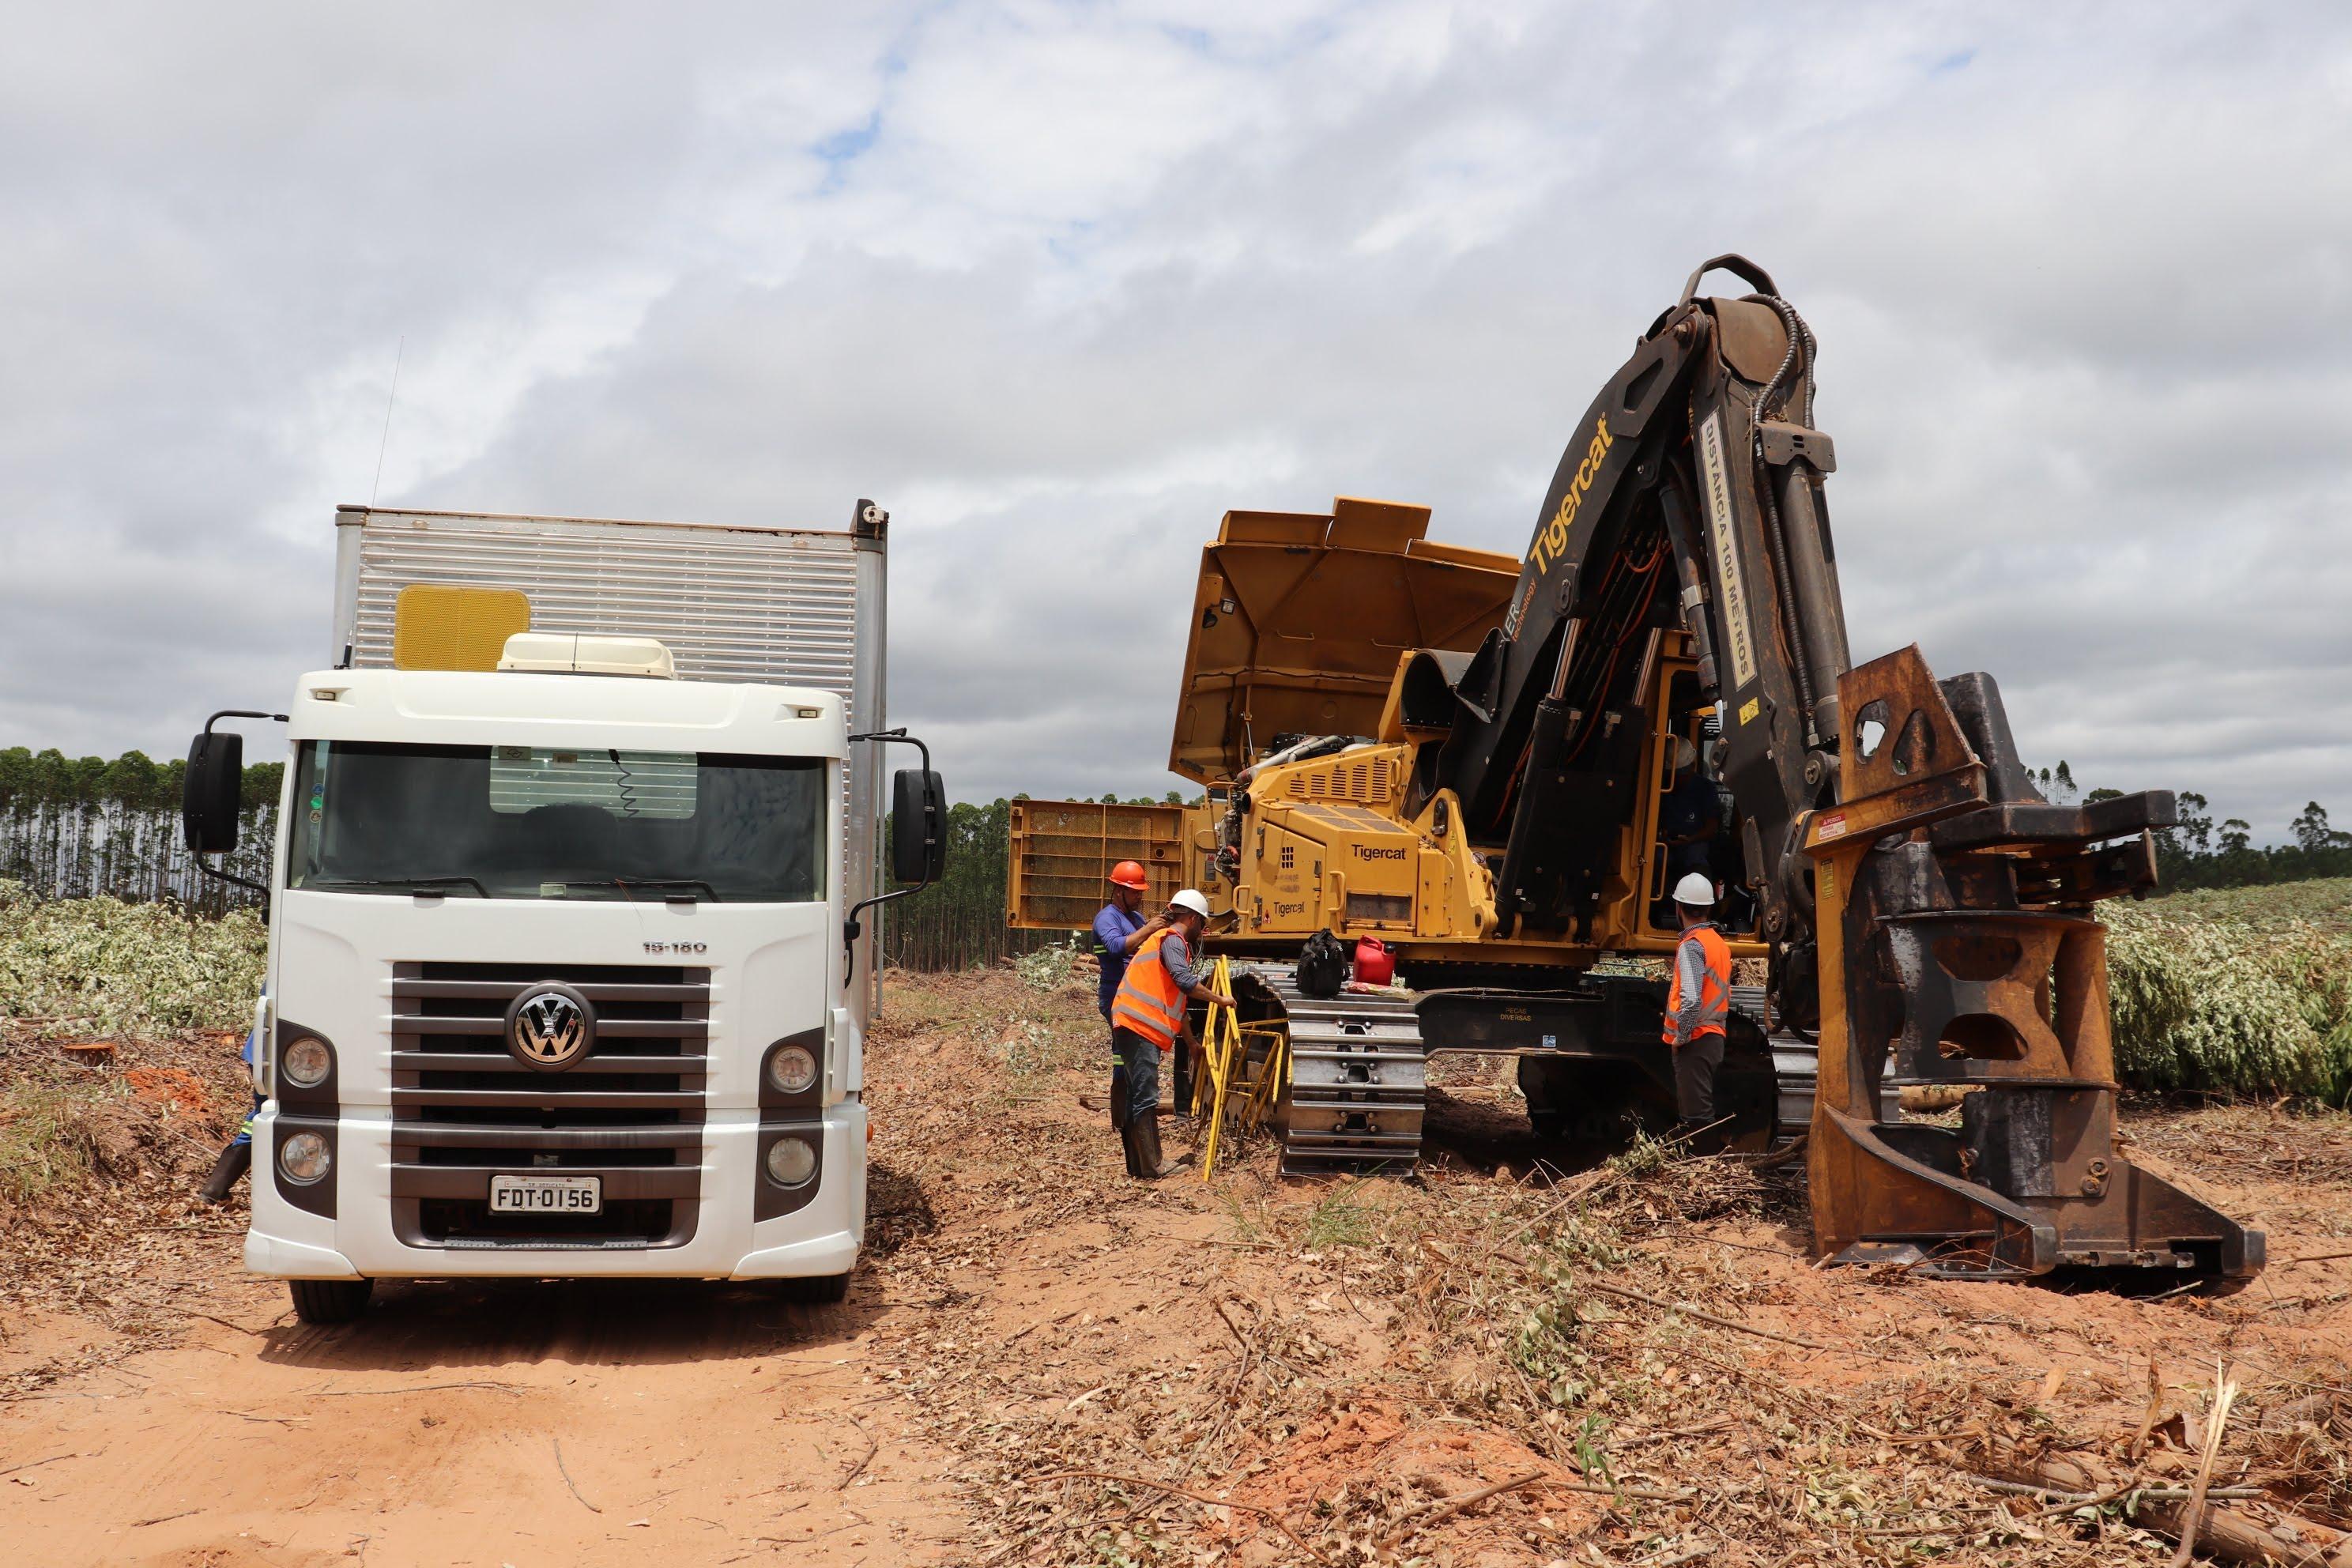 imagem do caminhão oficina acompanha e agiliza o processo de colheita da madeira